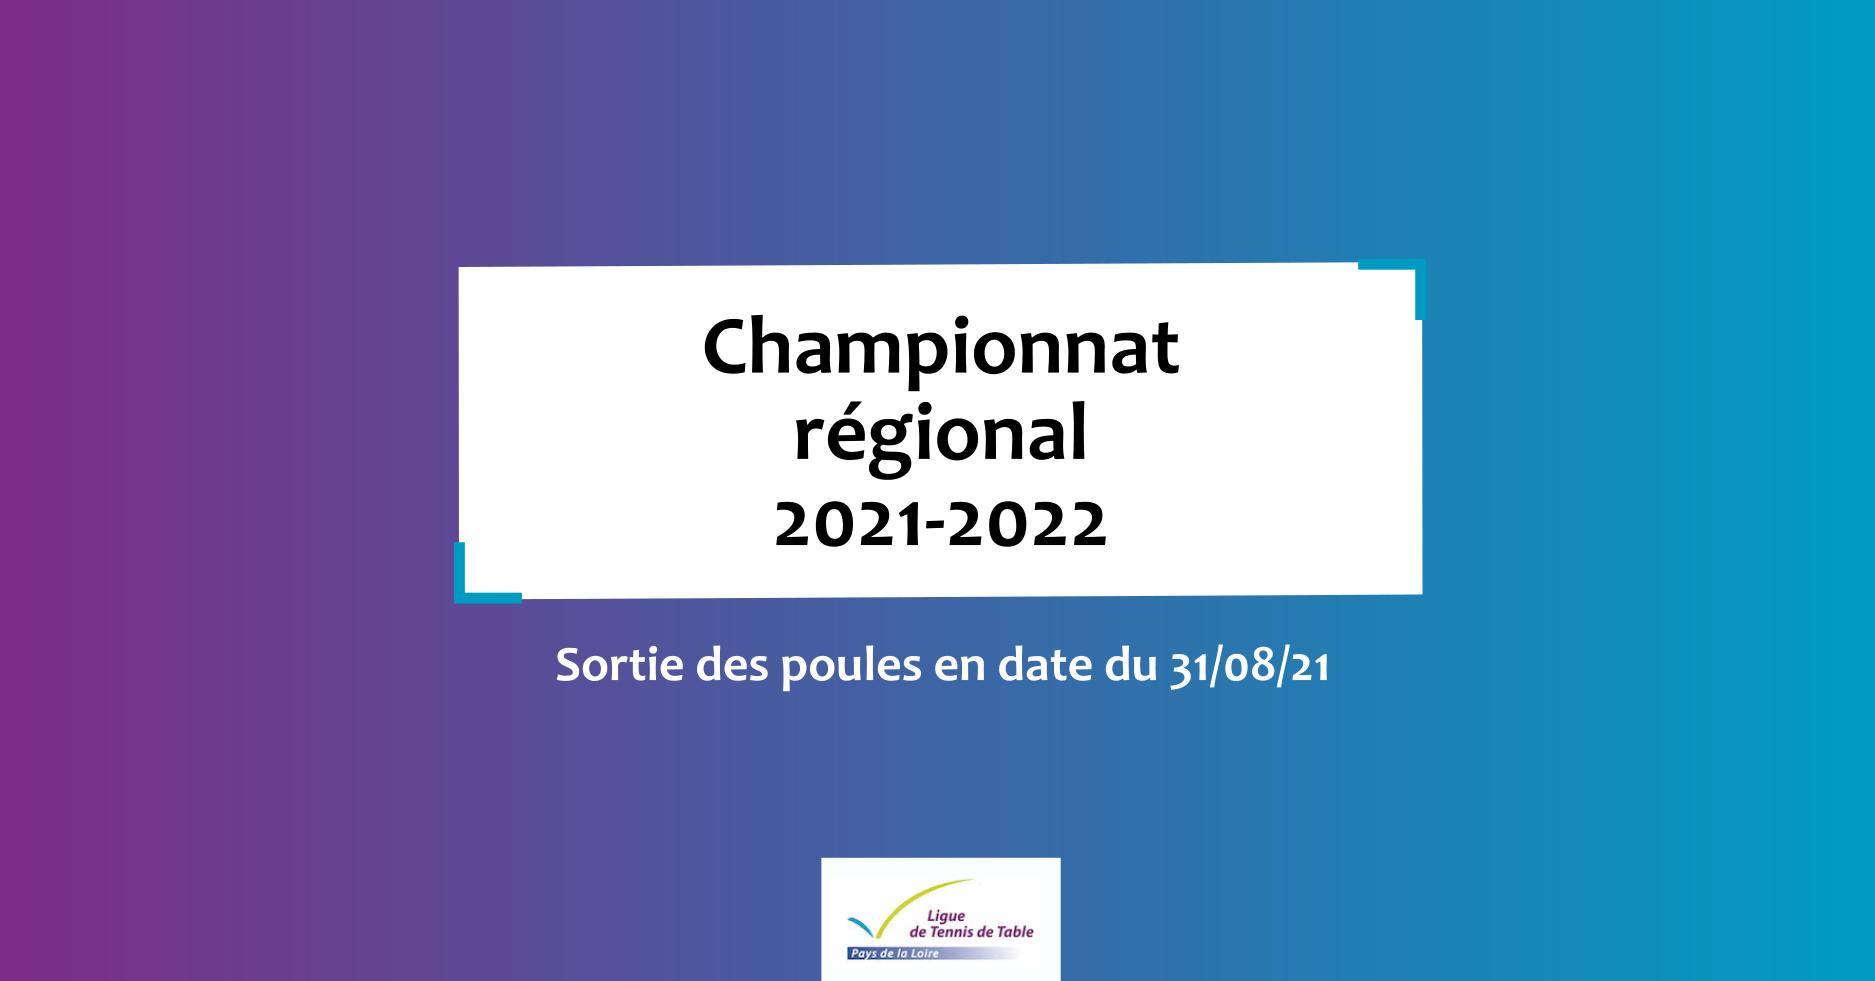 Poules championnat régional 2021-2022